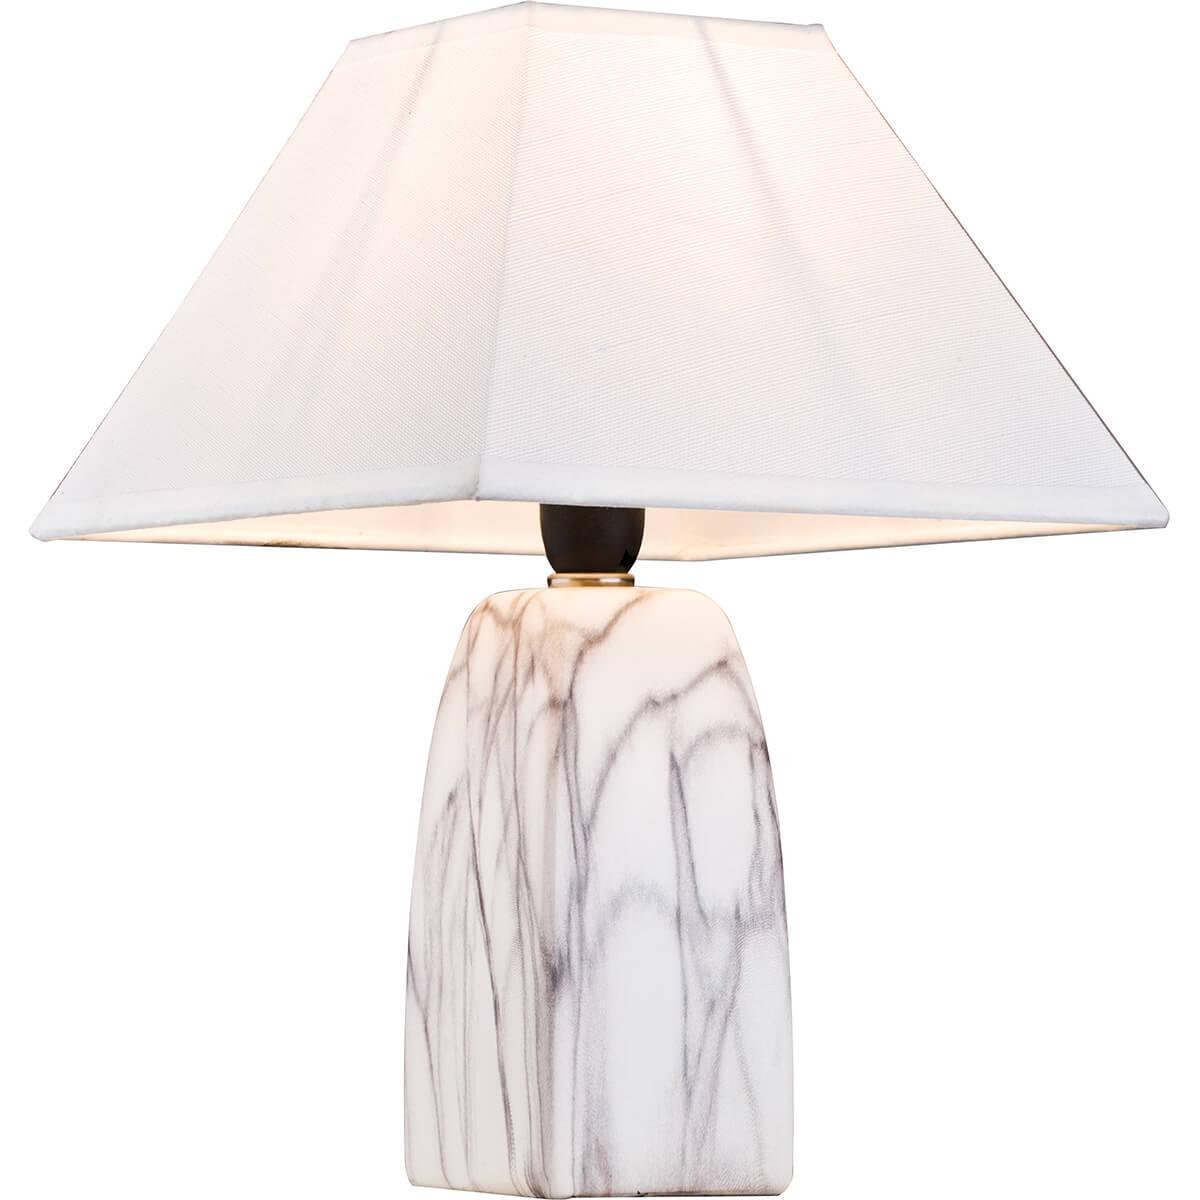 Настольная лампа Lucia Tucci Harrods T946.1 настольная лампа lucia tucci harrods t944 1